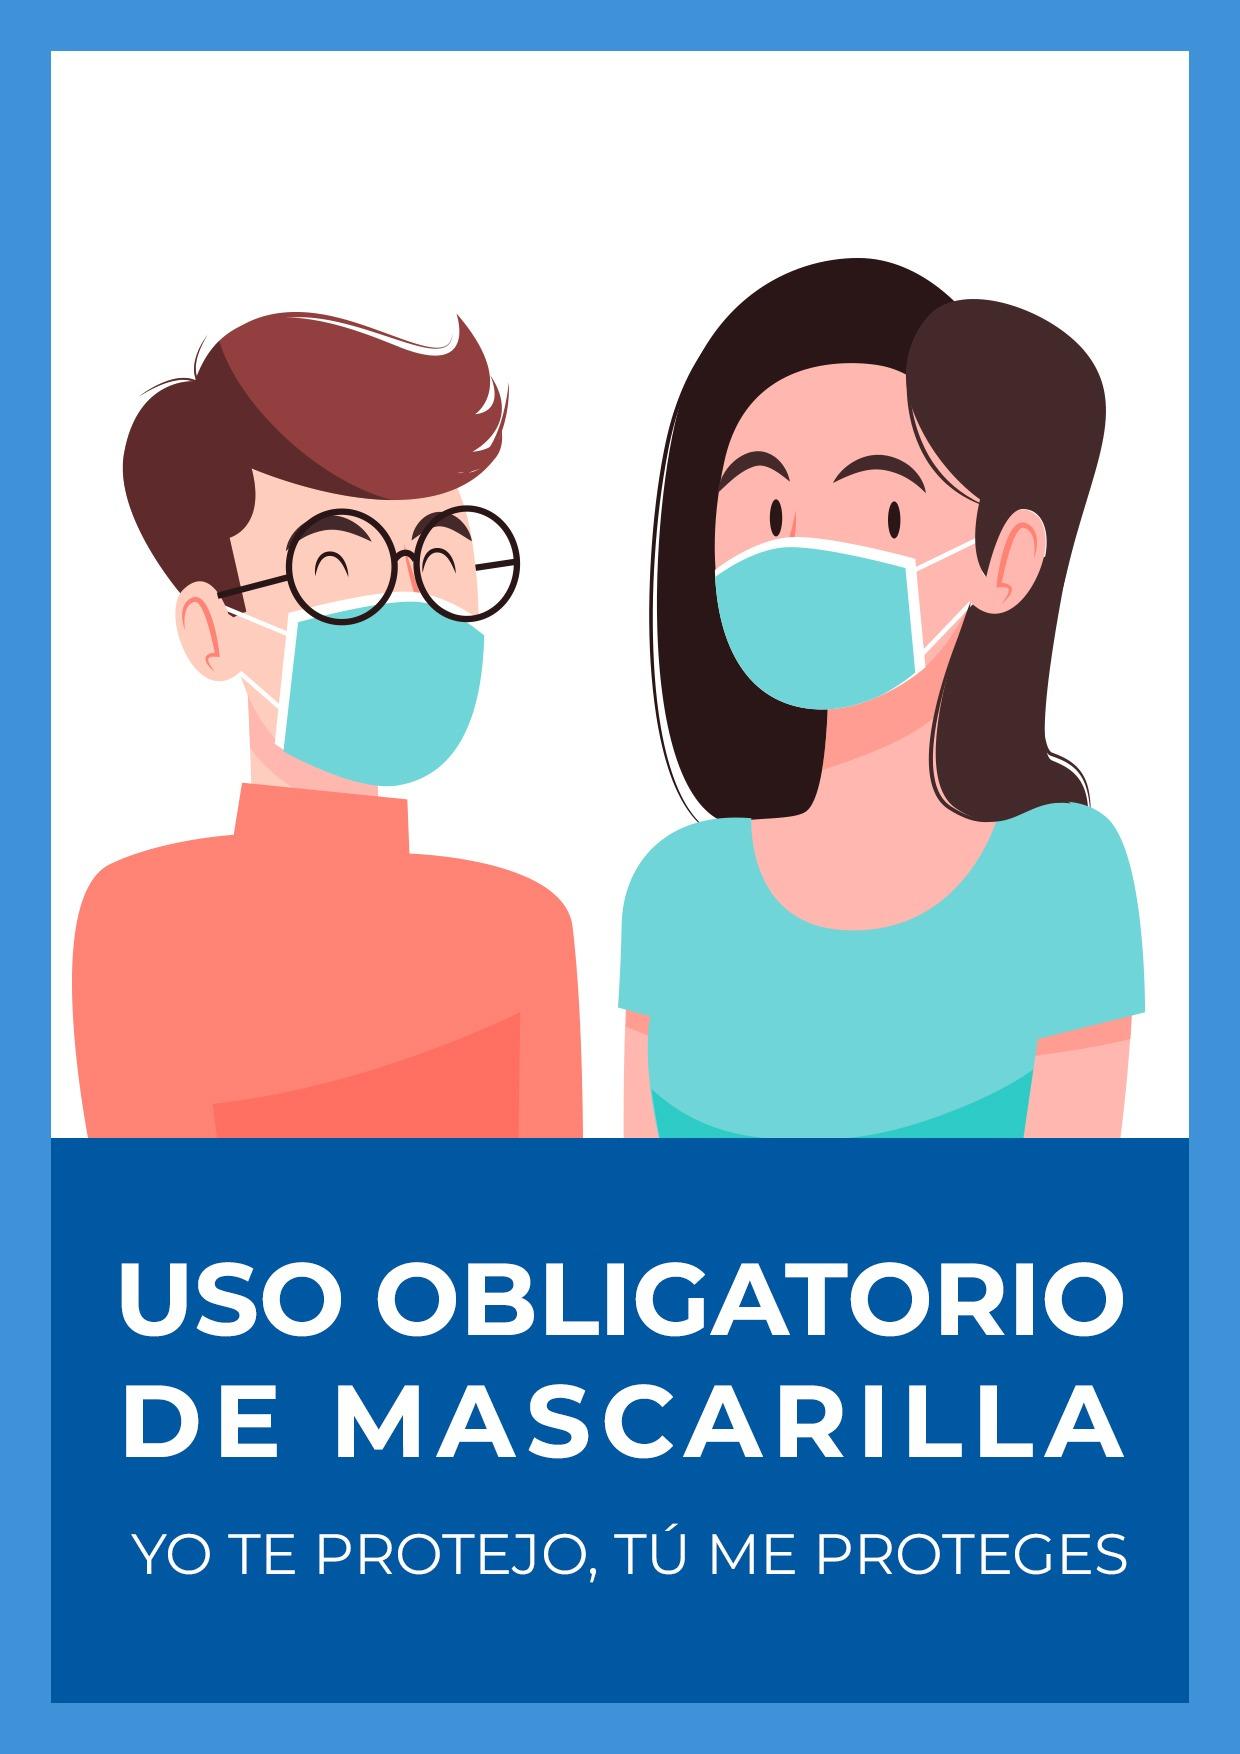 cartel para uso obligatorio de mascarilla gratis para imprimir